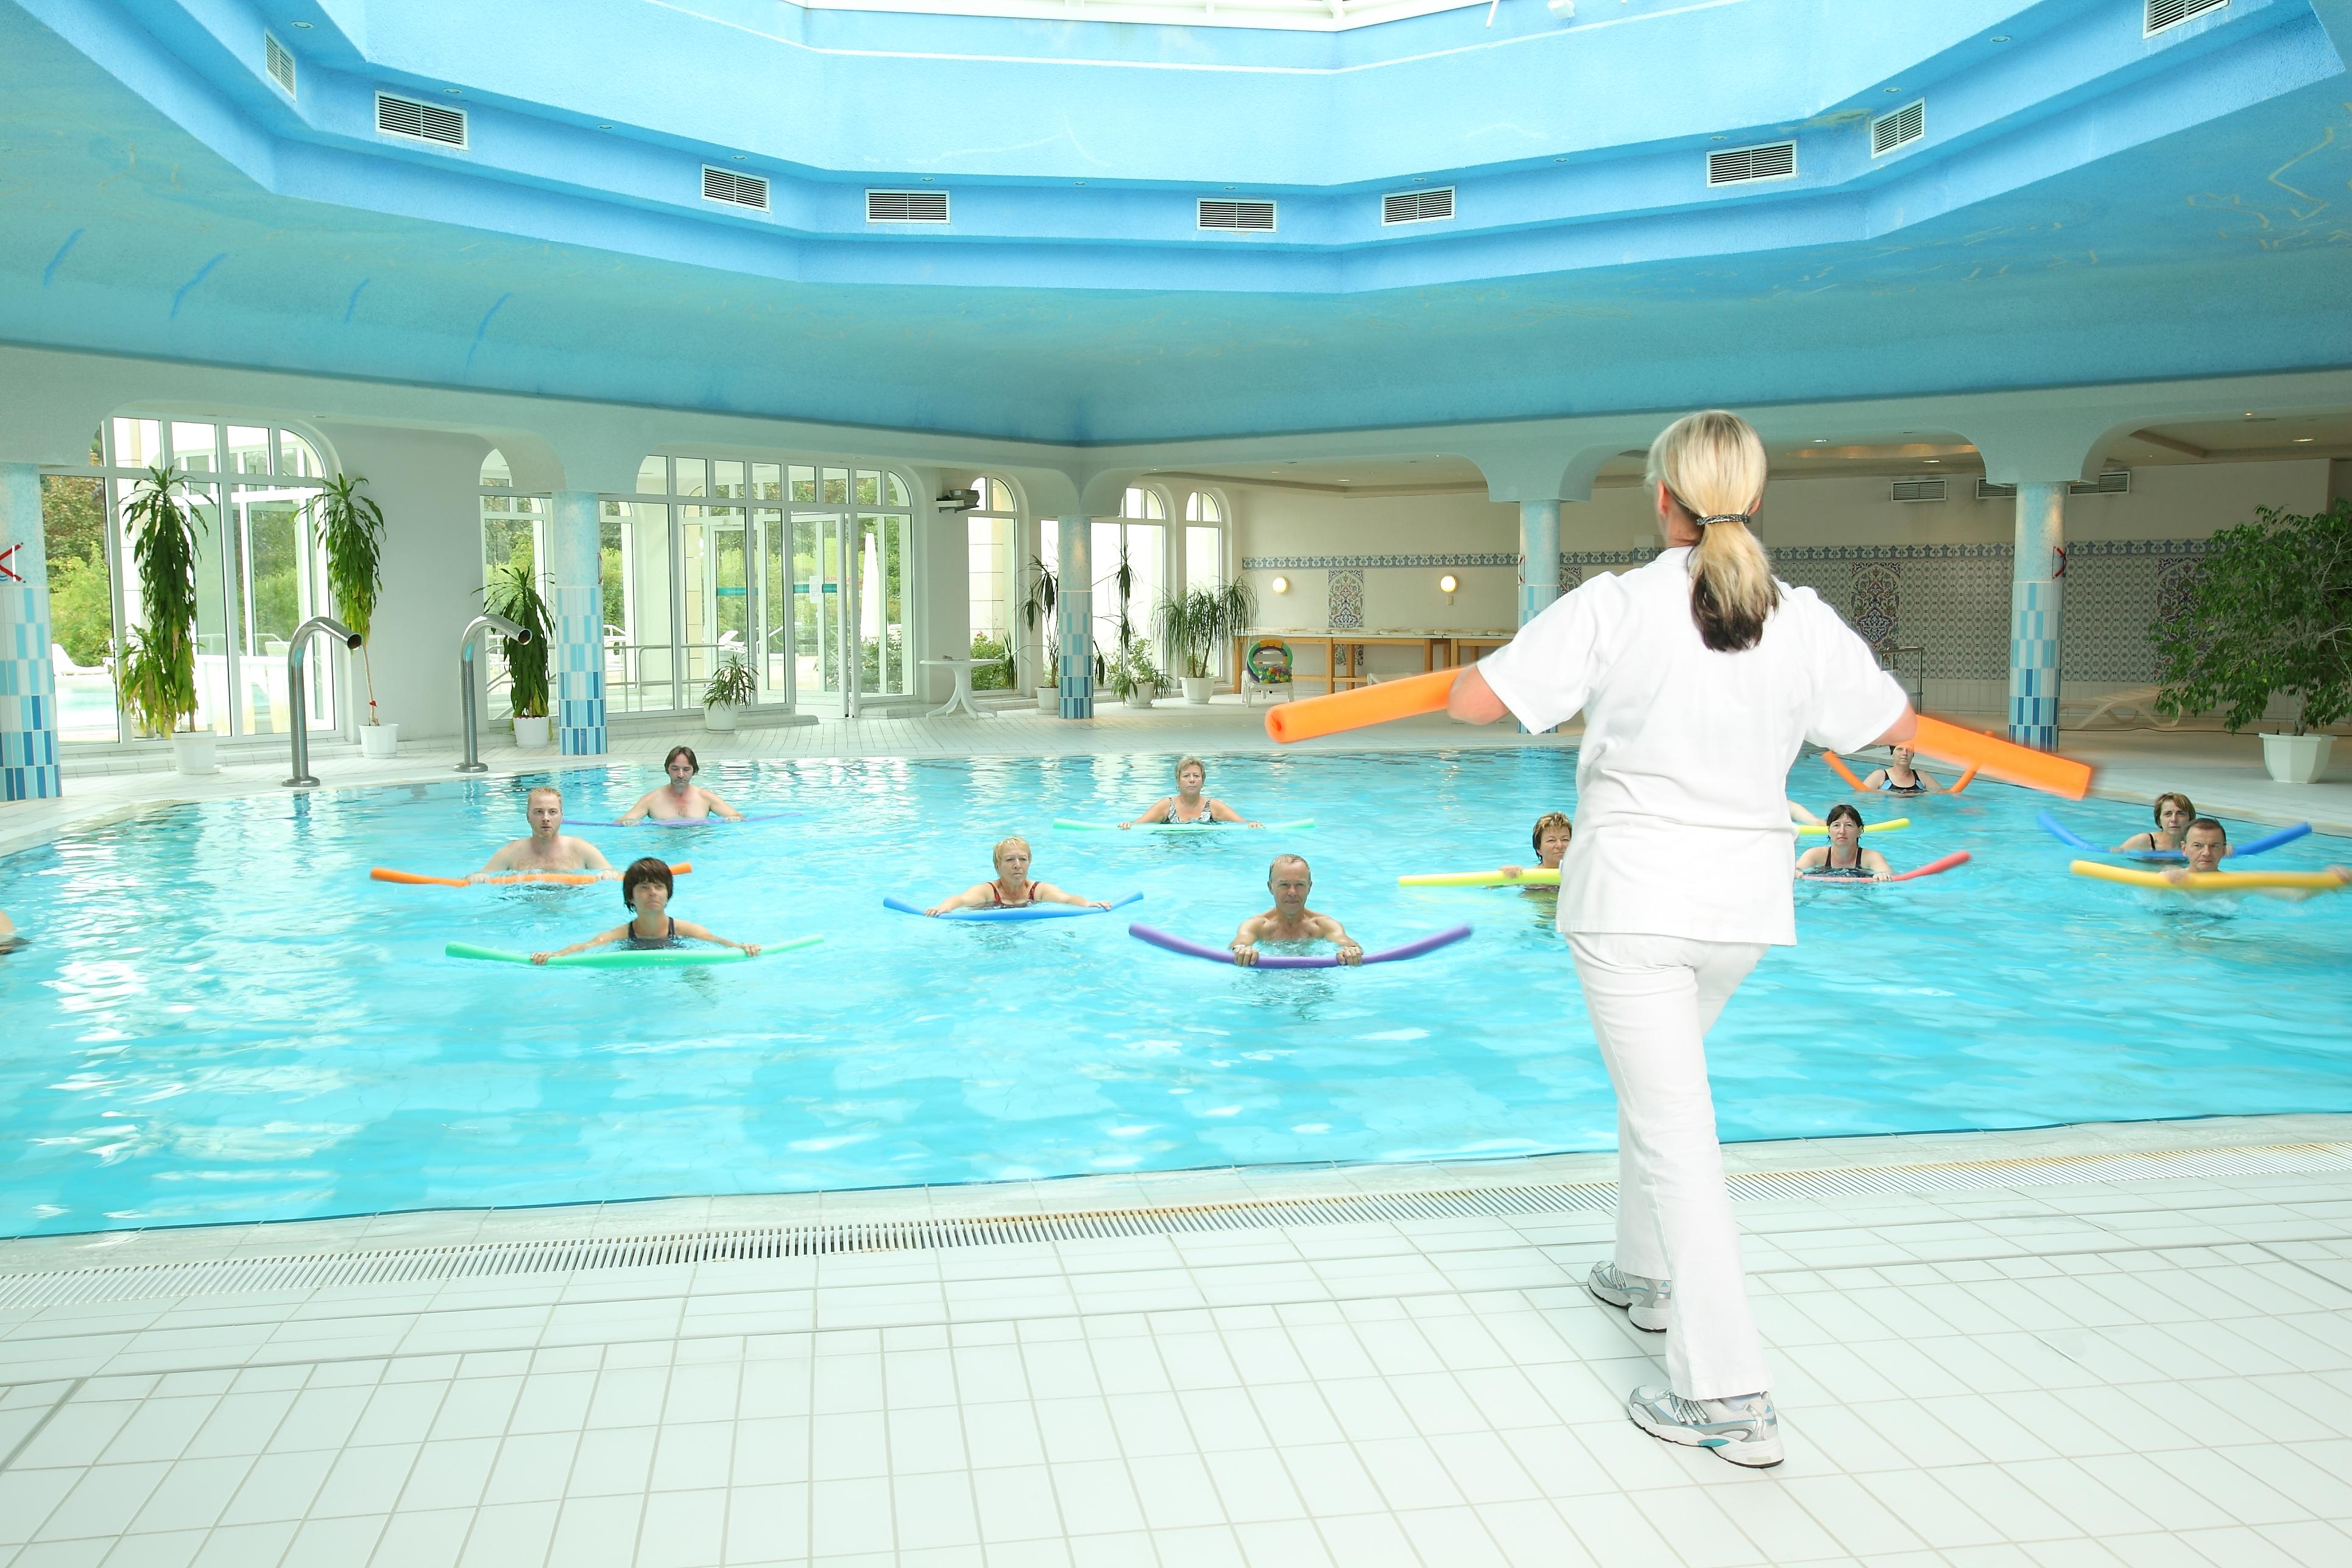 Schwimmbad Teufelsbad Fachklinik Blankenburg